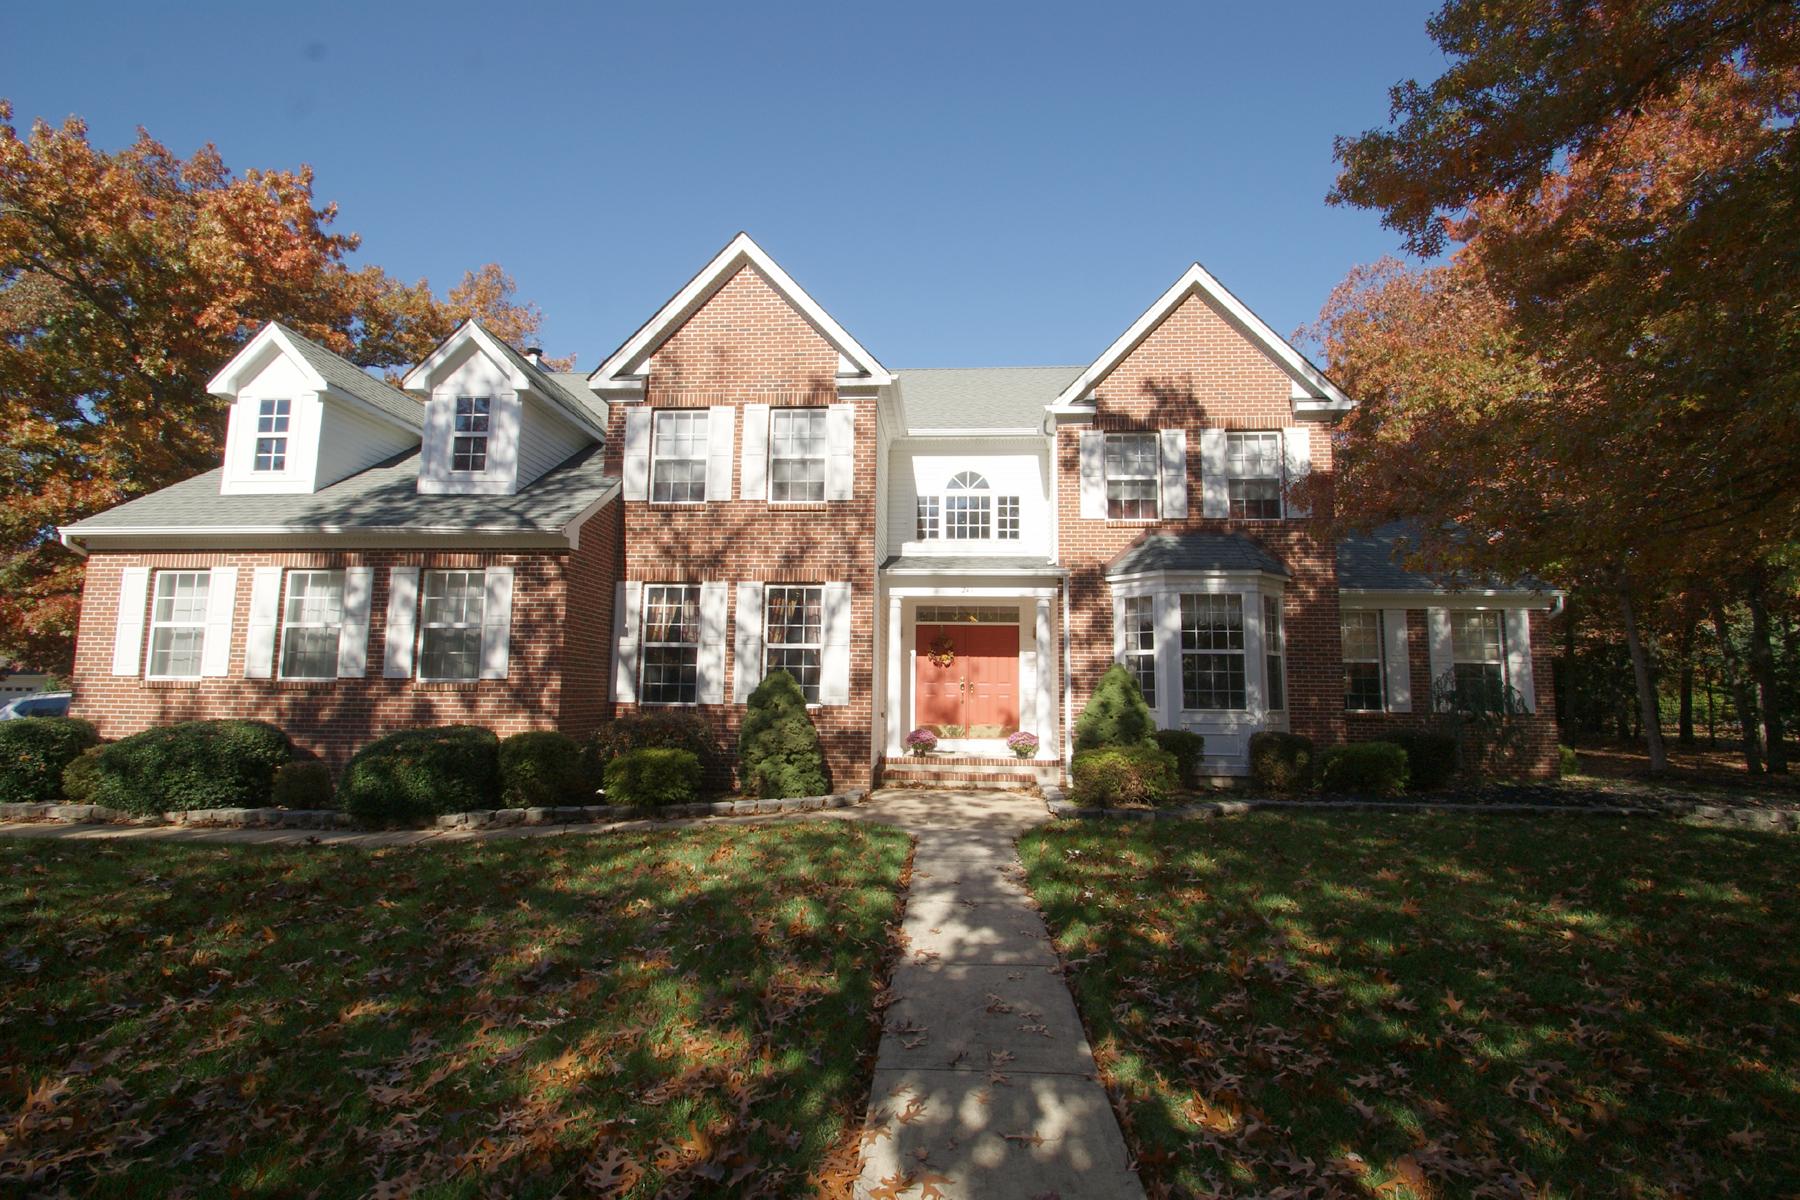 Maison unifamiliale pour l Vente à Beautiful North Dover Home 241 Medjay Lane Toms River, New Jersey, 08755 États-Unis